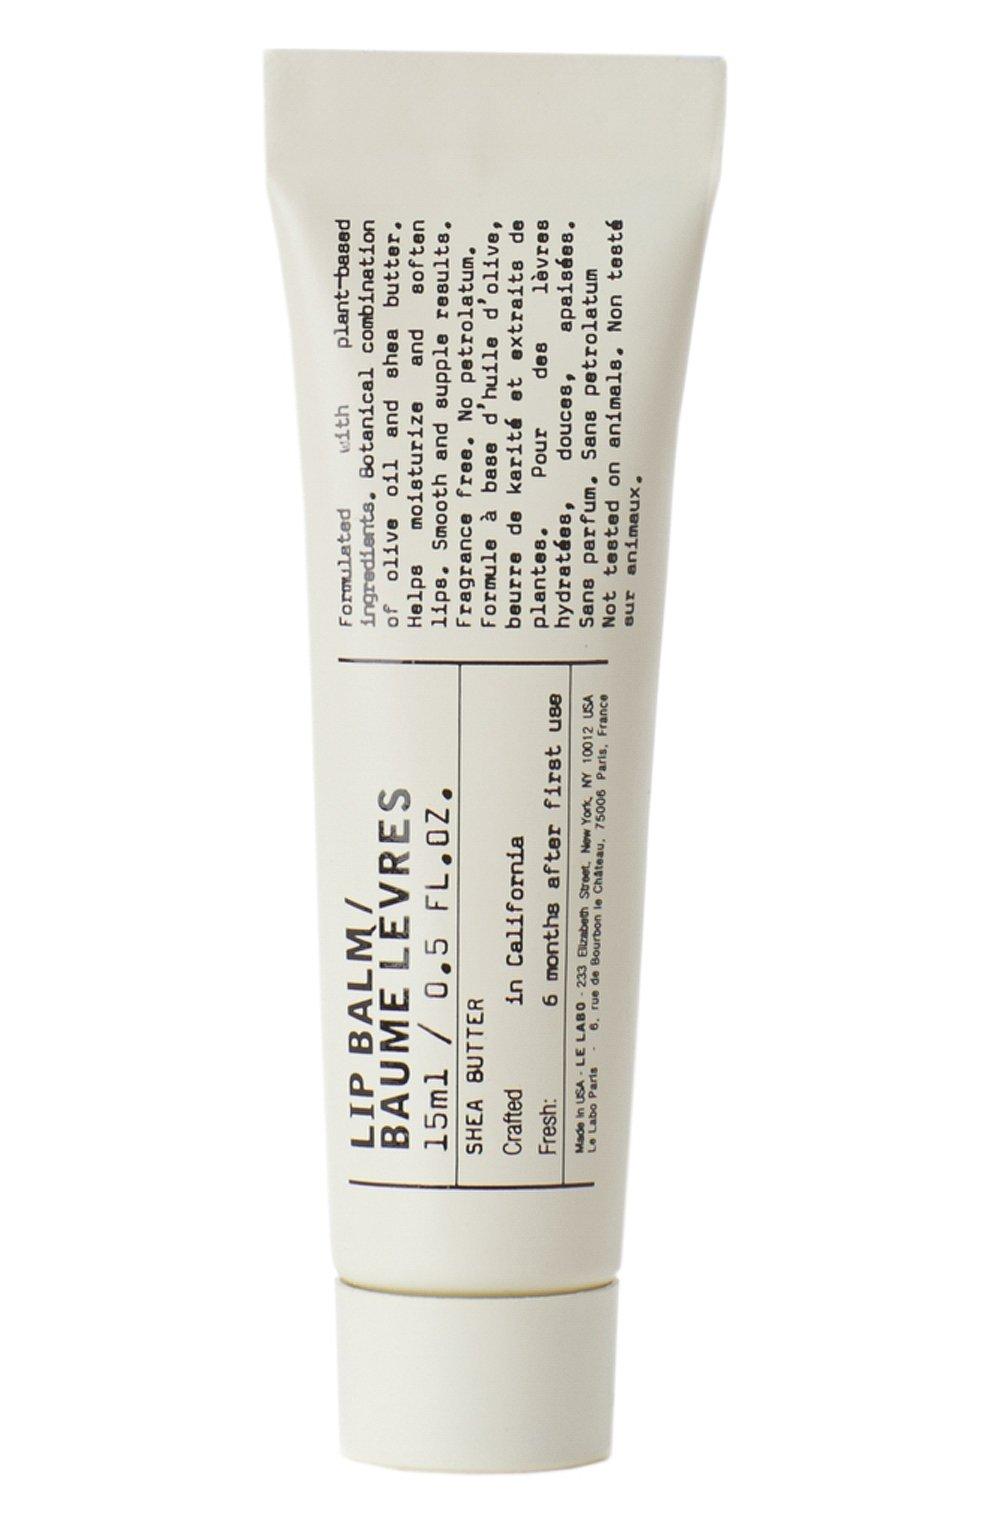 Бальзам для губ LE LABO бесцветного цвета, арт. 842185102595 | Фото 1